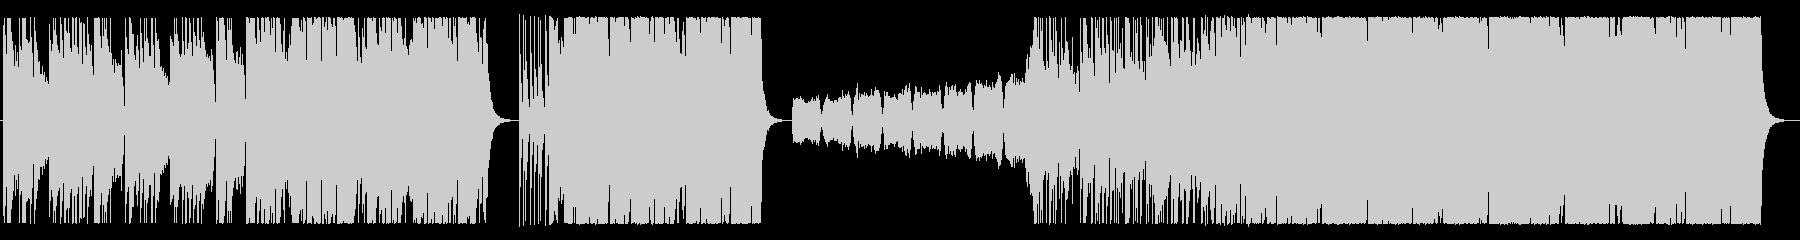 感動をもたらすオーケストラ ピアノの未再生の波形